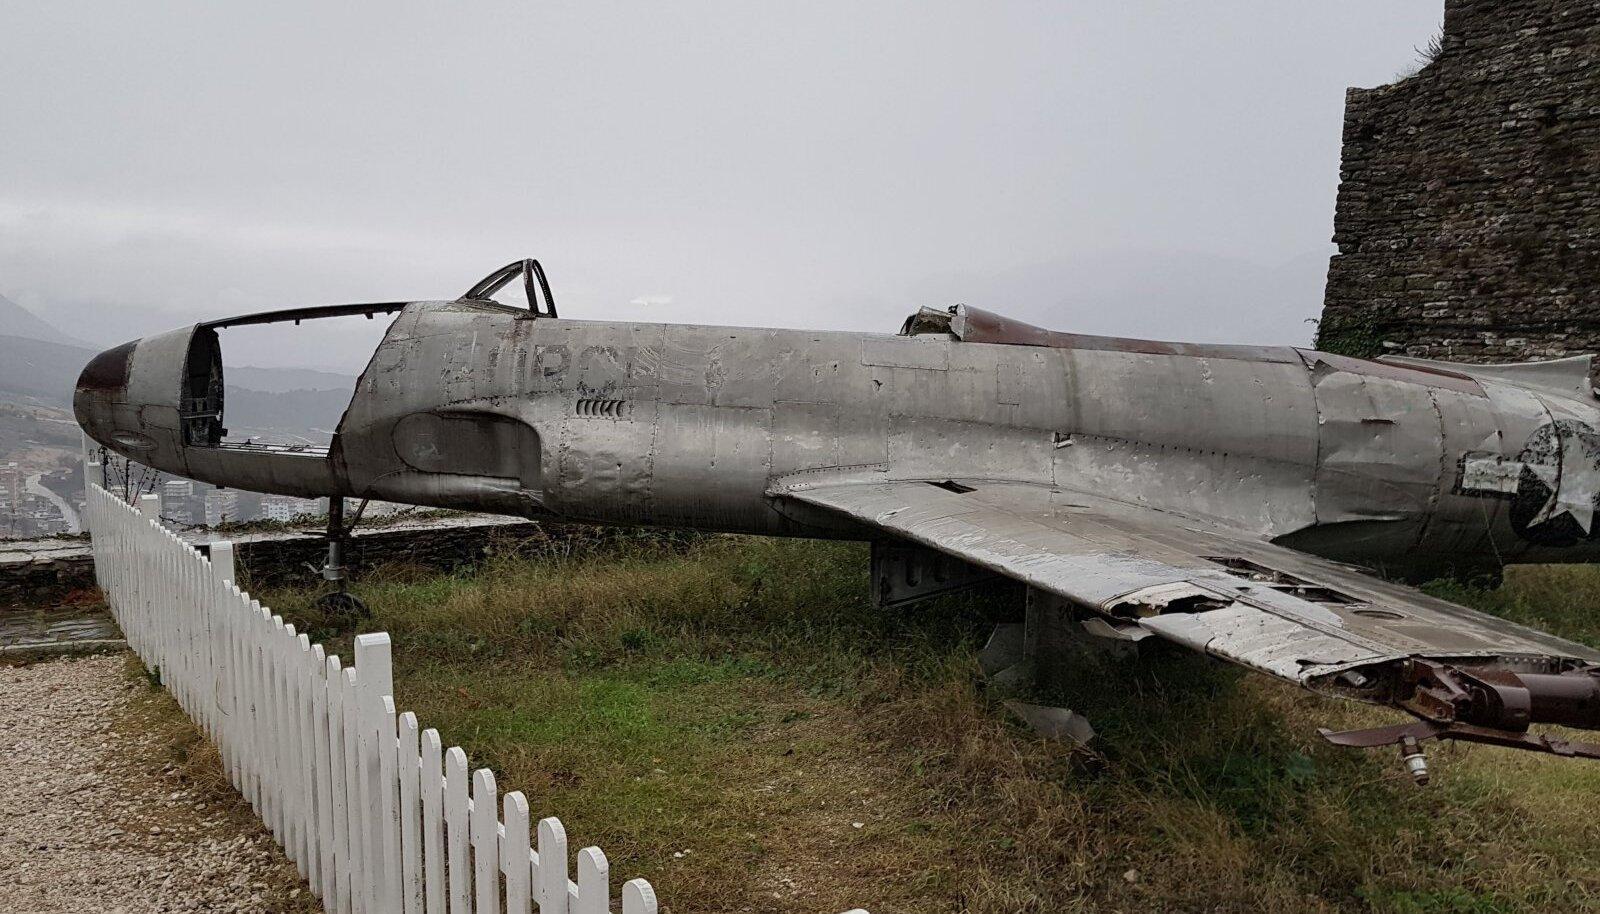 Mis juhtus selle lennukiga?